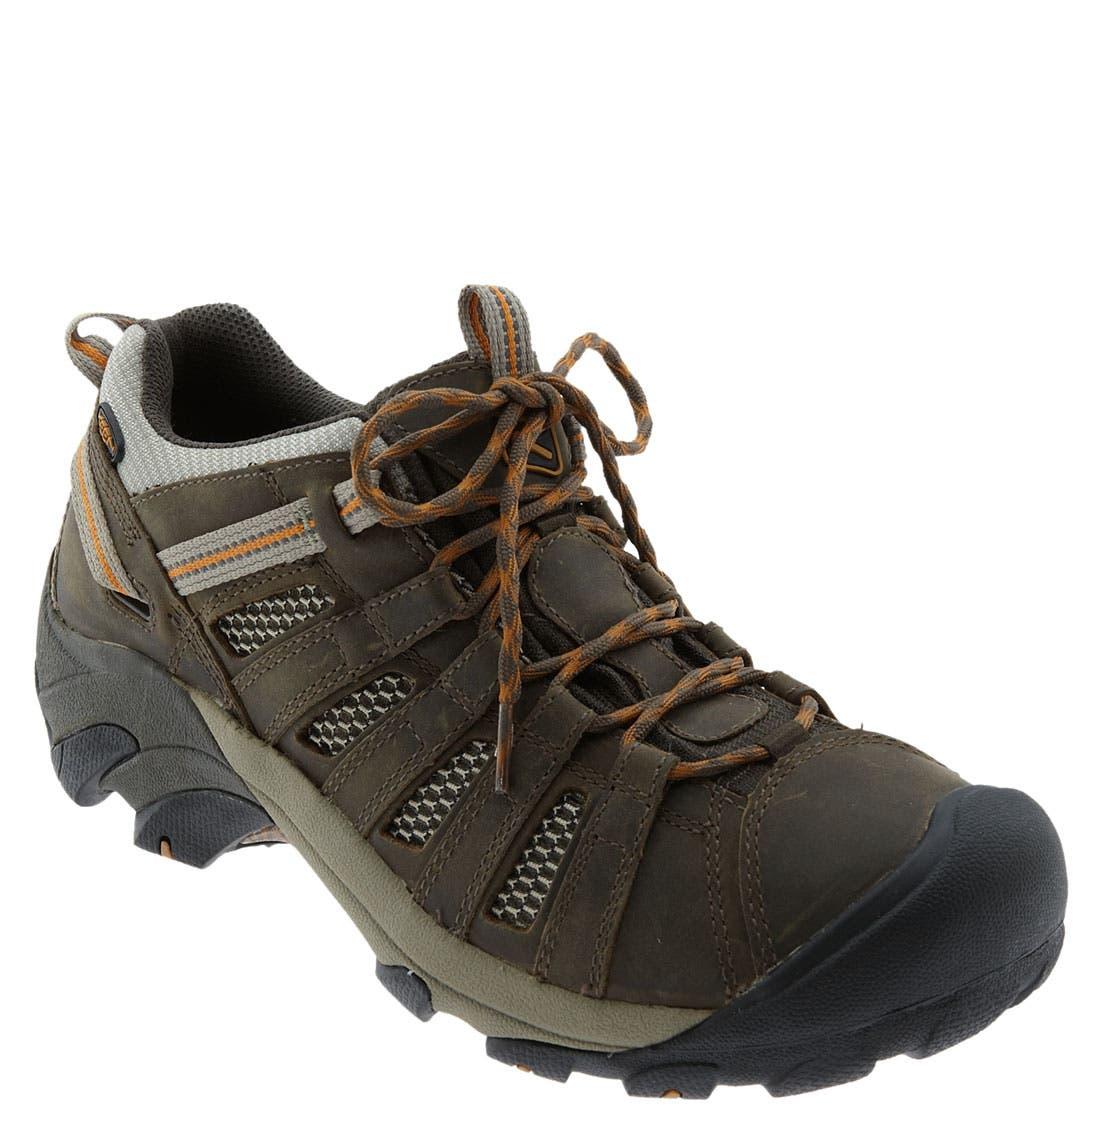 Main Image - Keen 'Voyageur' Hiking Shoe (Men)